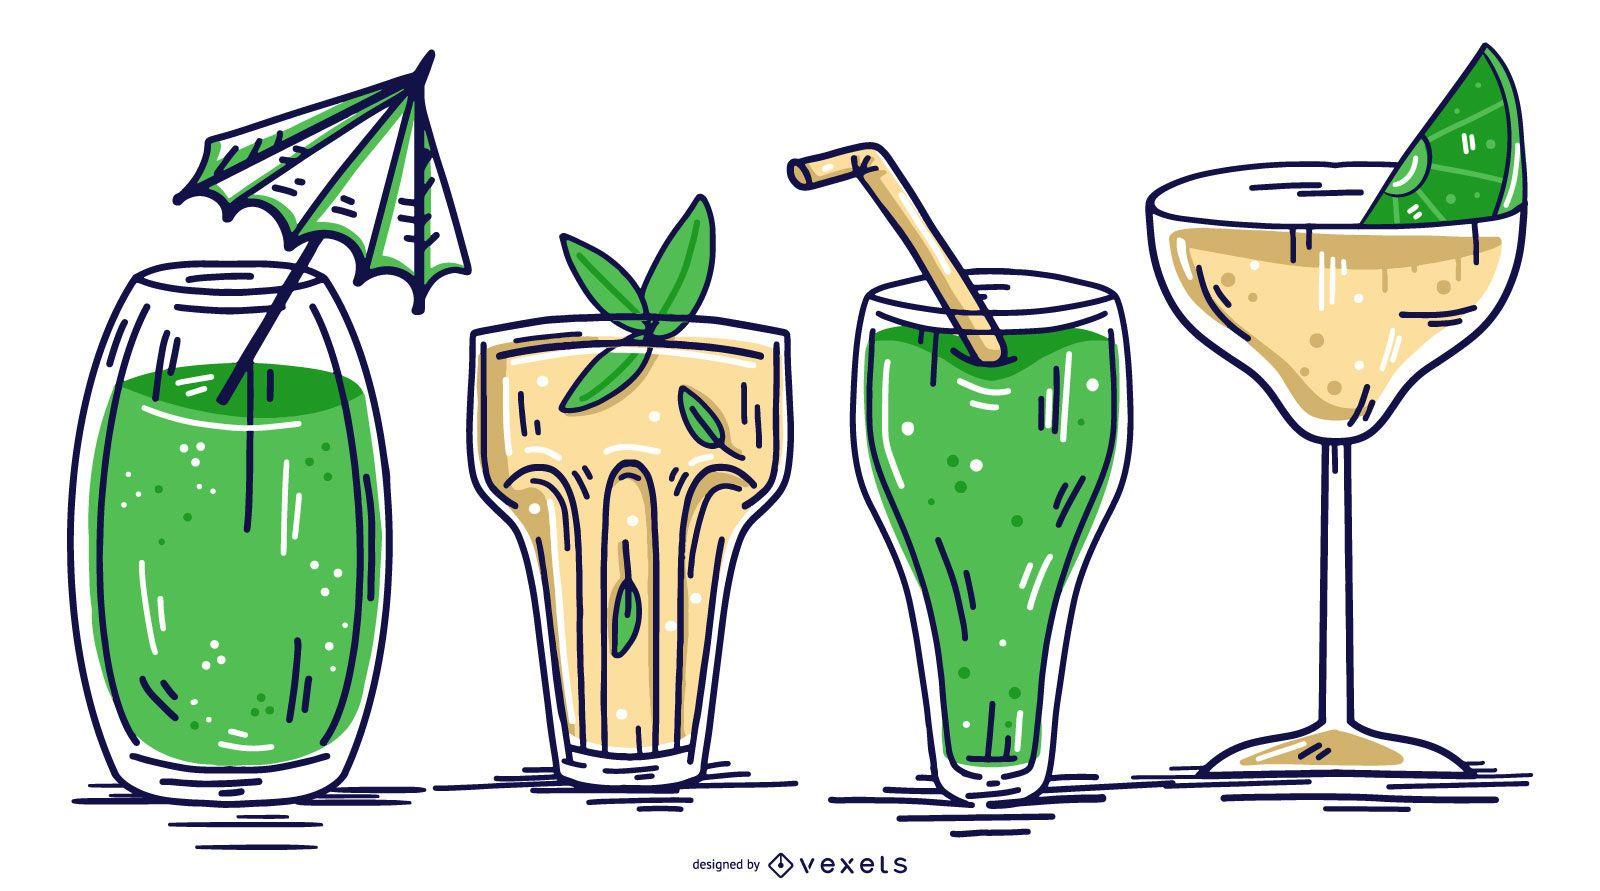 Trinkglas Illustration Design Set